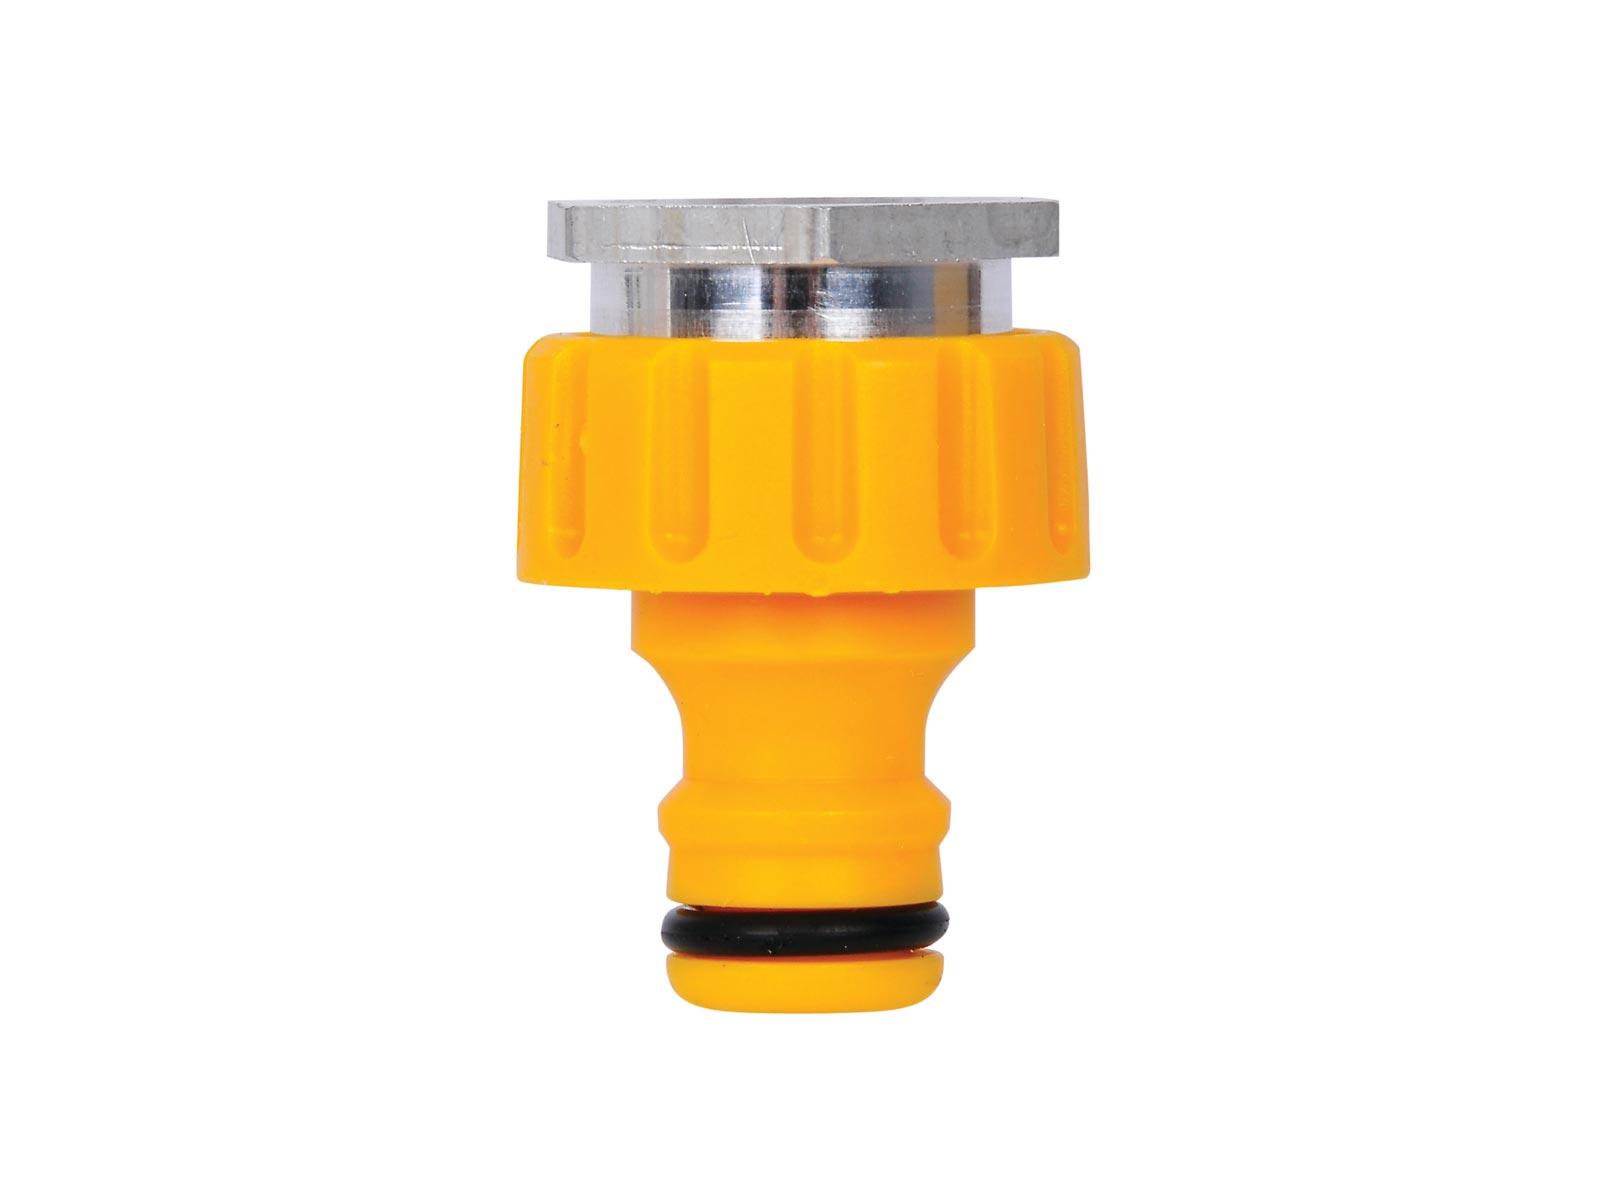 Коннектор шланга Hozelock 2304 для крана с аэраторной насадкой в помещениях резьбовой, 22 мм - 24 мм, желтый насадка для крана мультидом утенок vl34 43